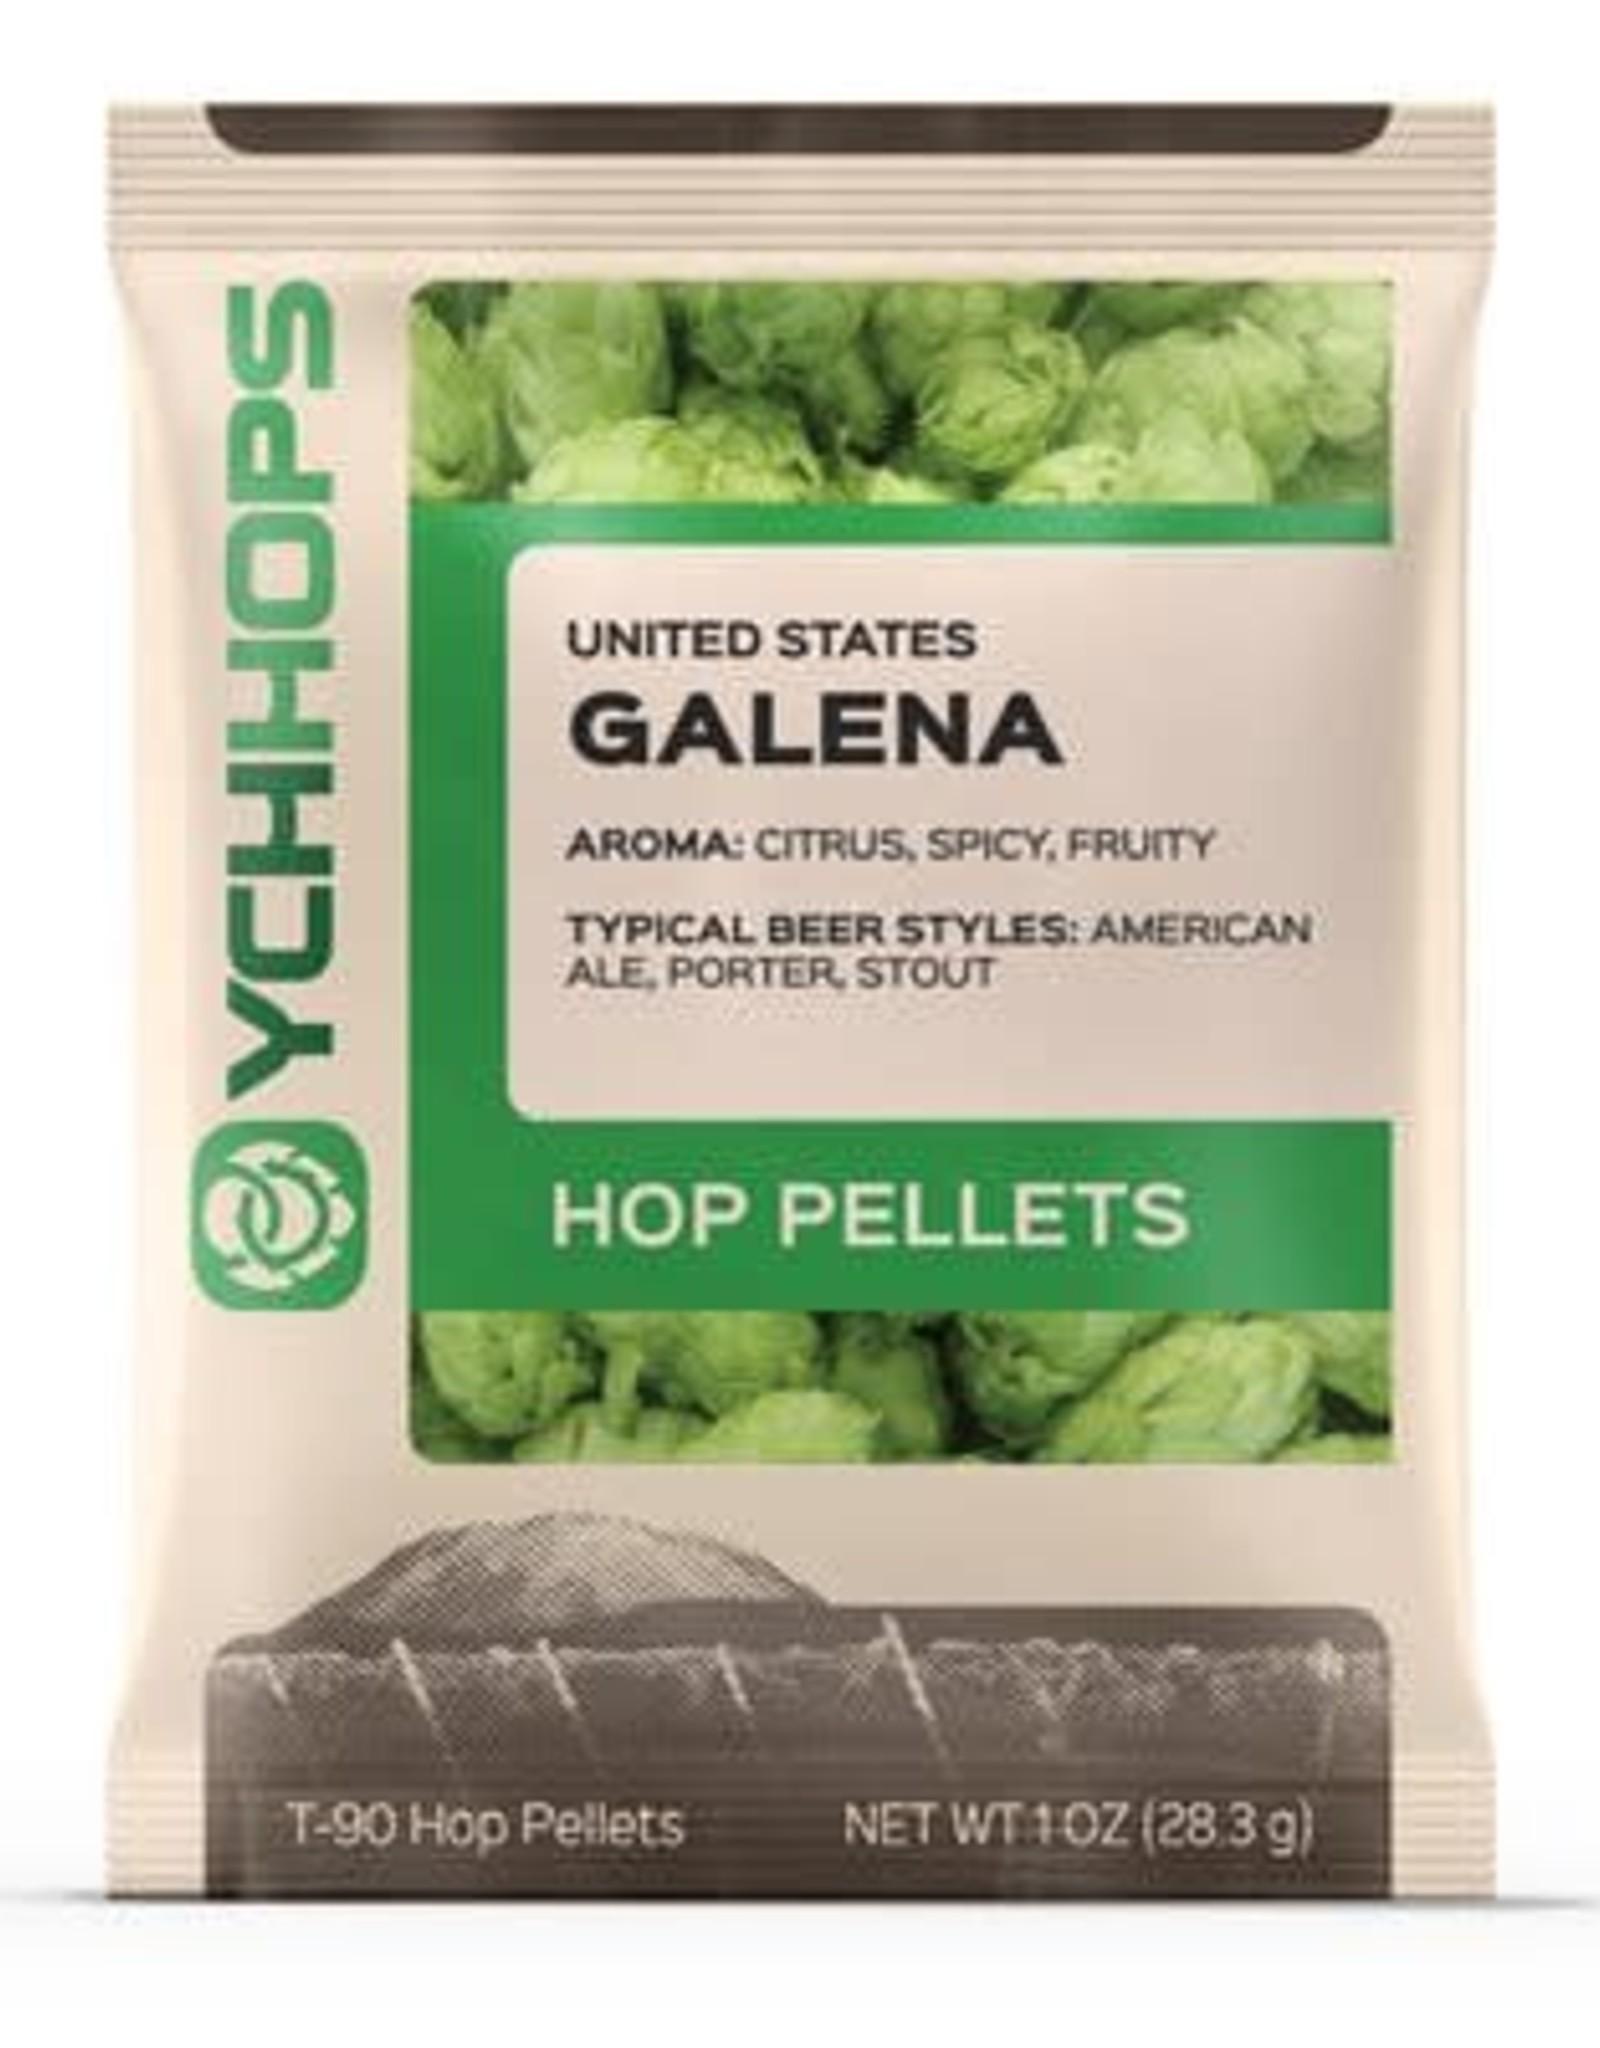 GALENA HOPS 1 OZ